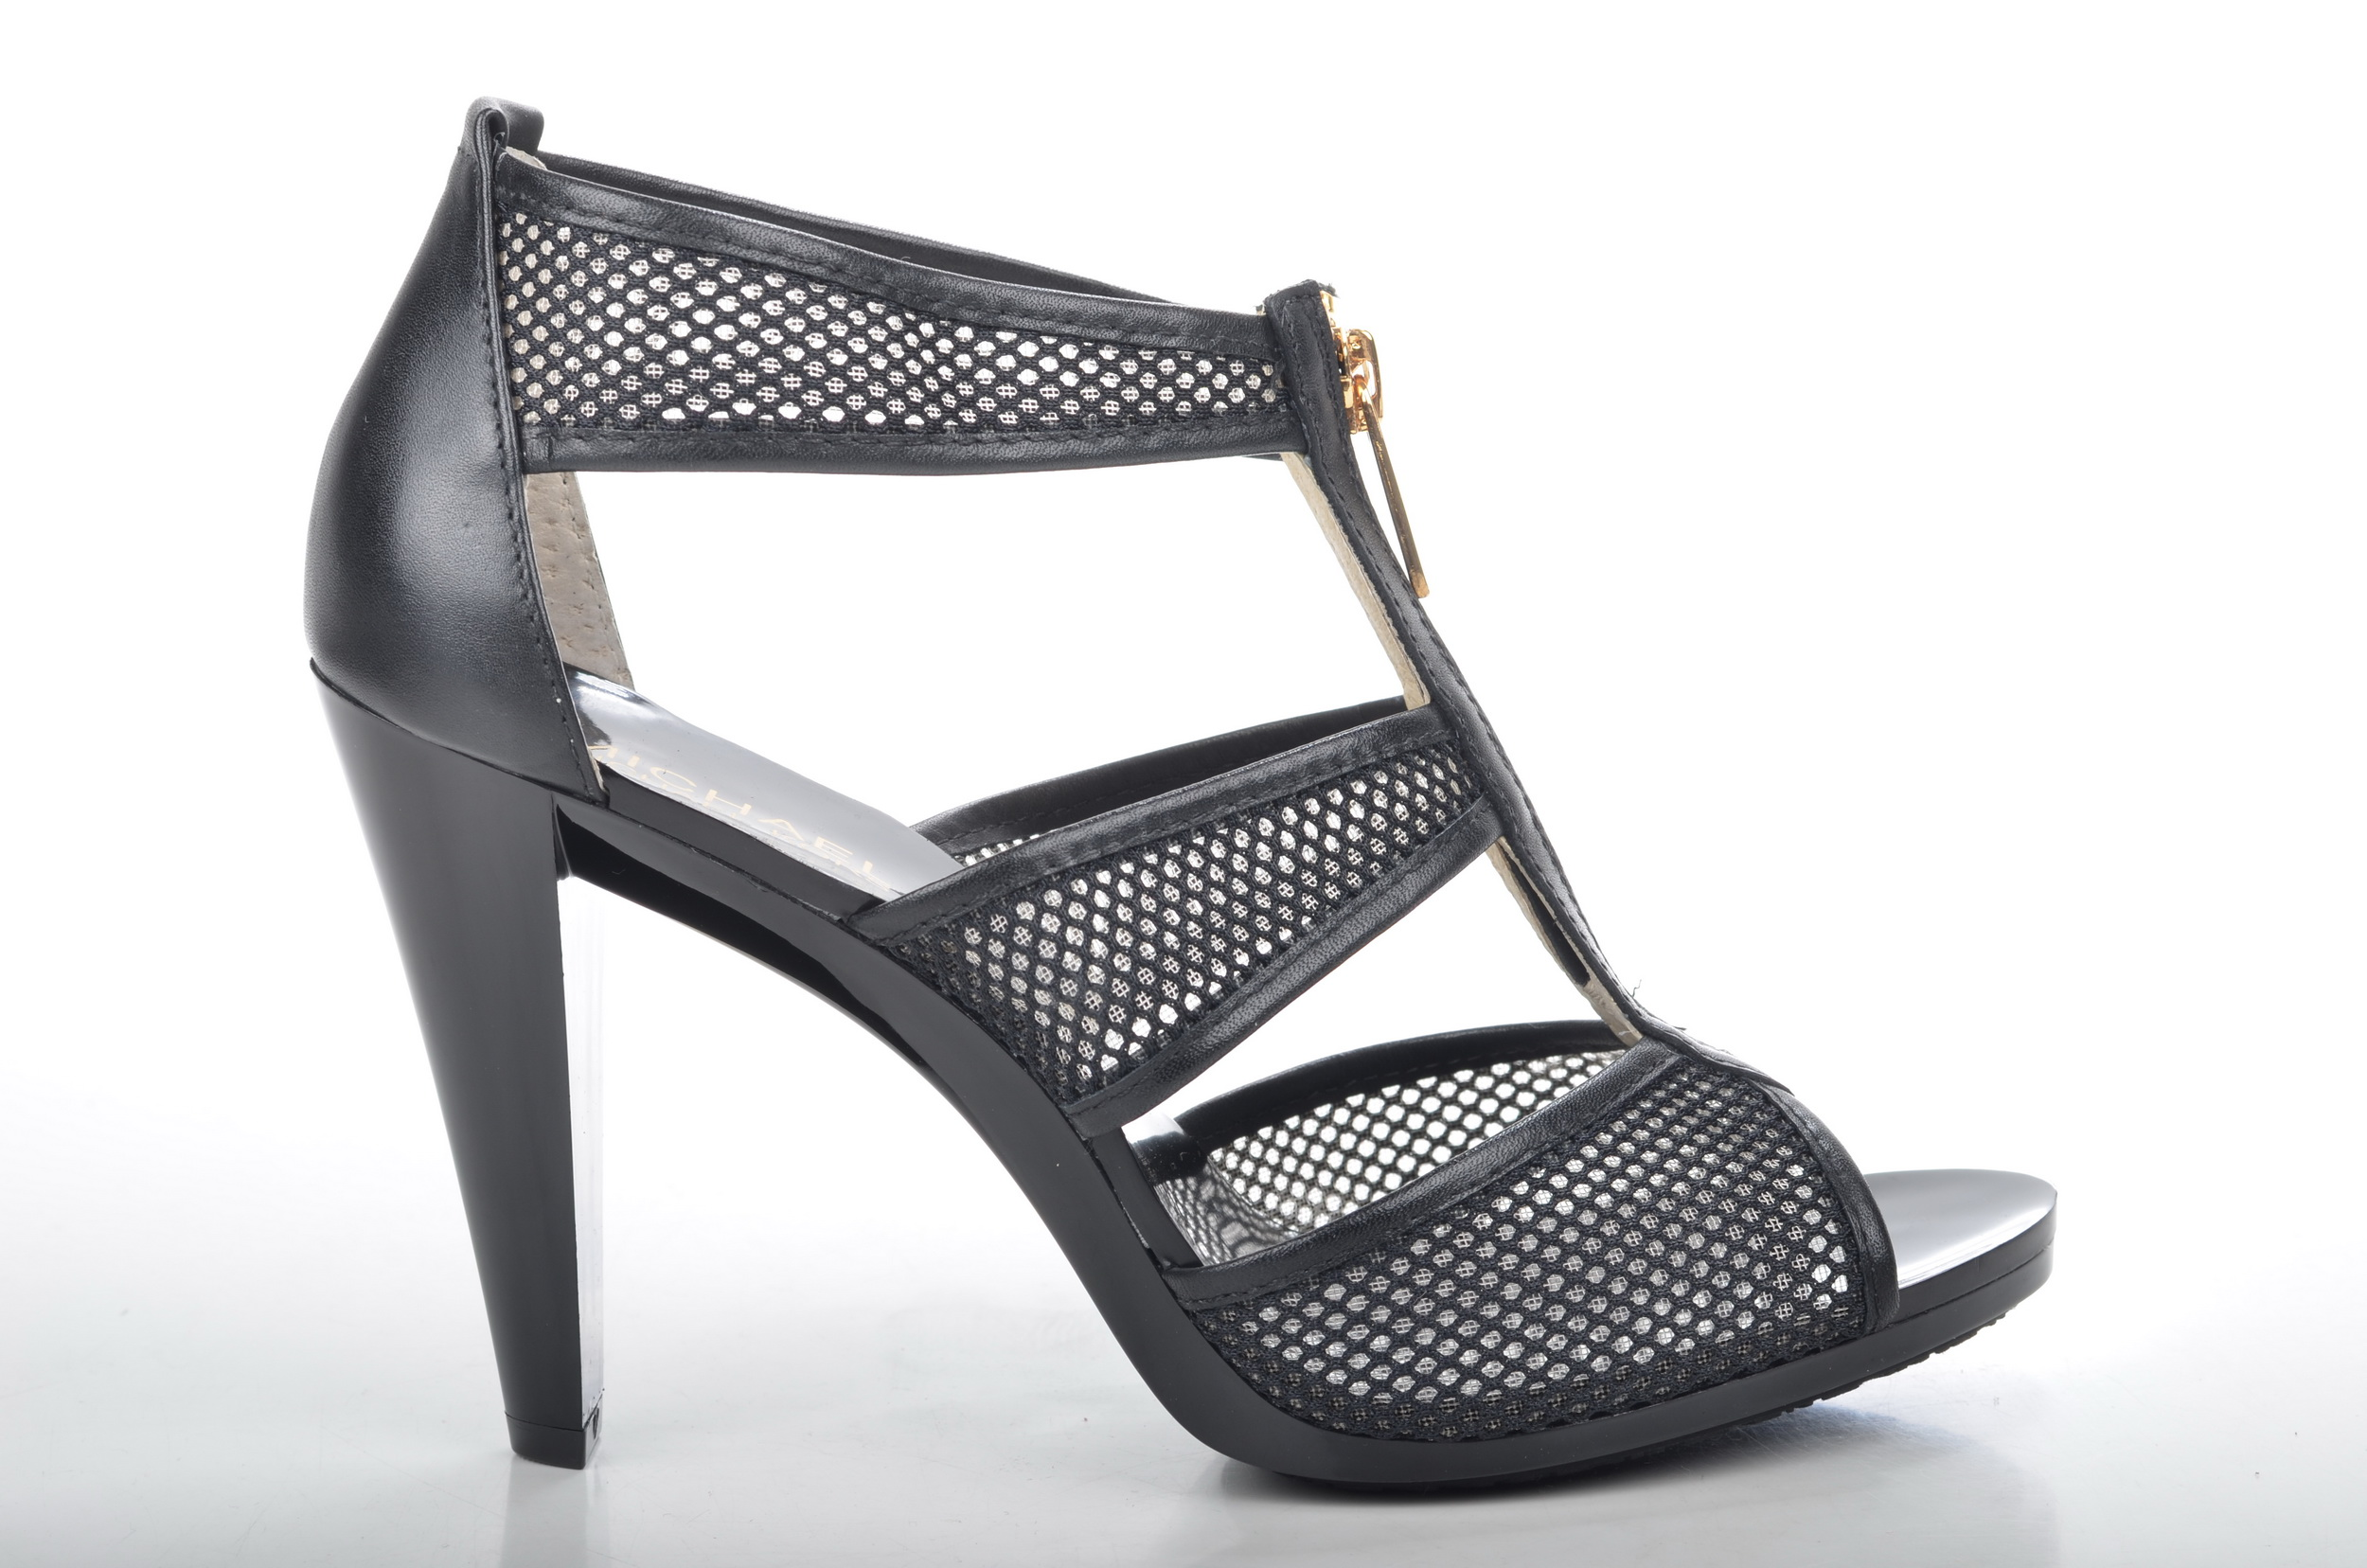 file michael kors berkley t strap high heel sandalette mit. Black Bedroom Furniture Sets. Home Design Ideas